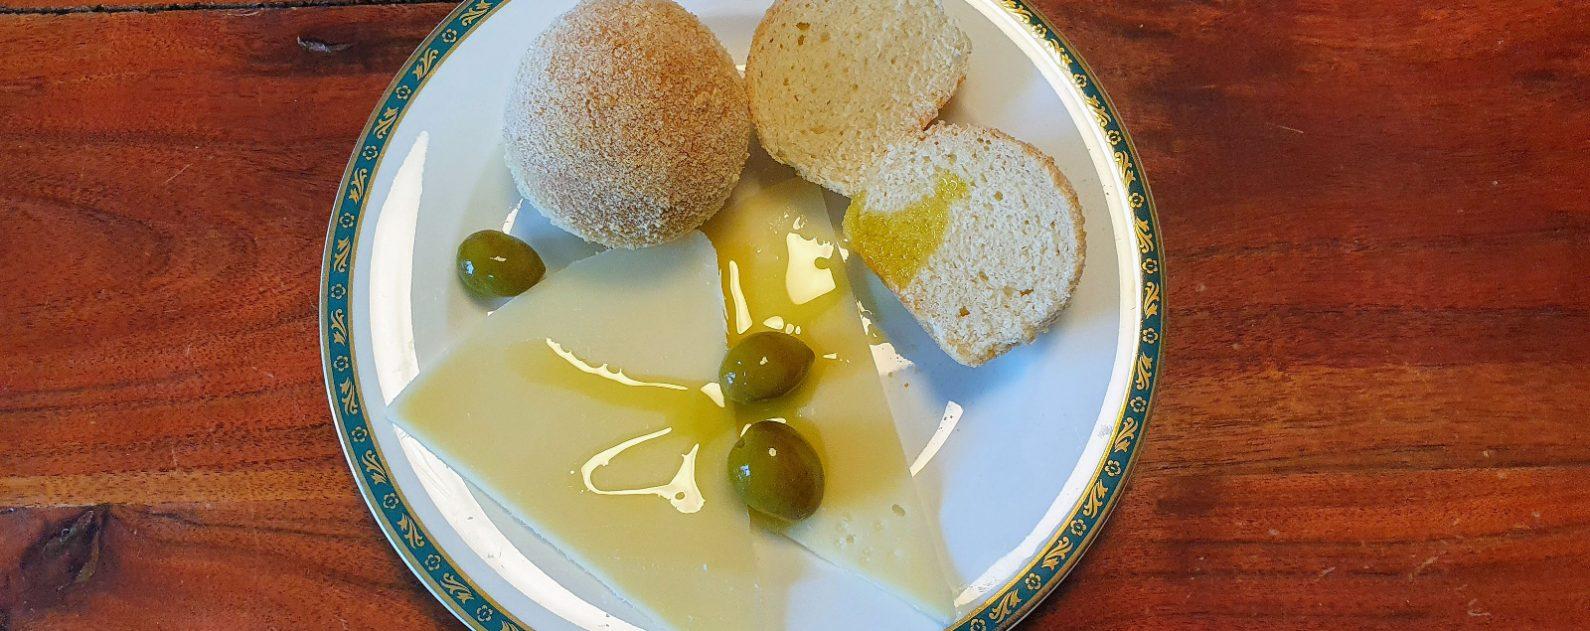 peciva s maslinovim uljem